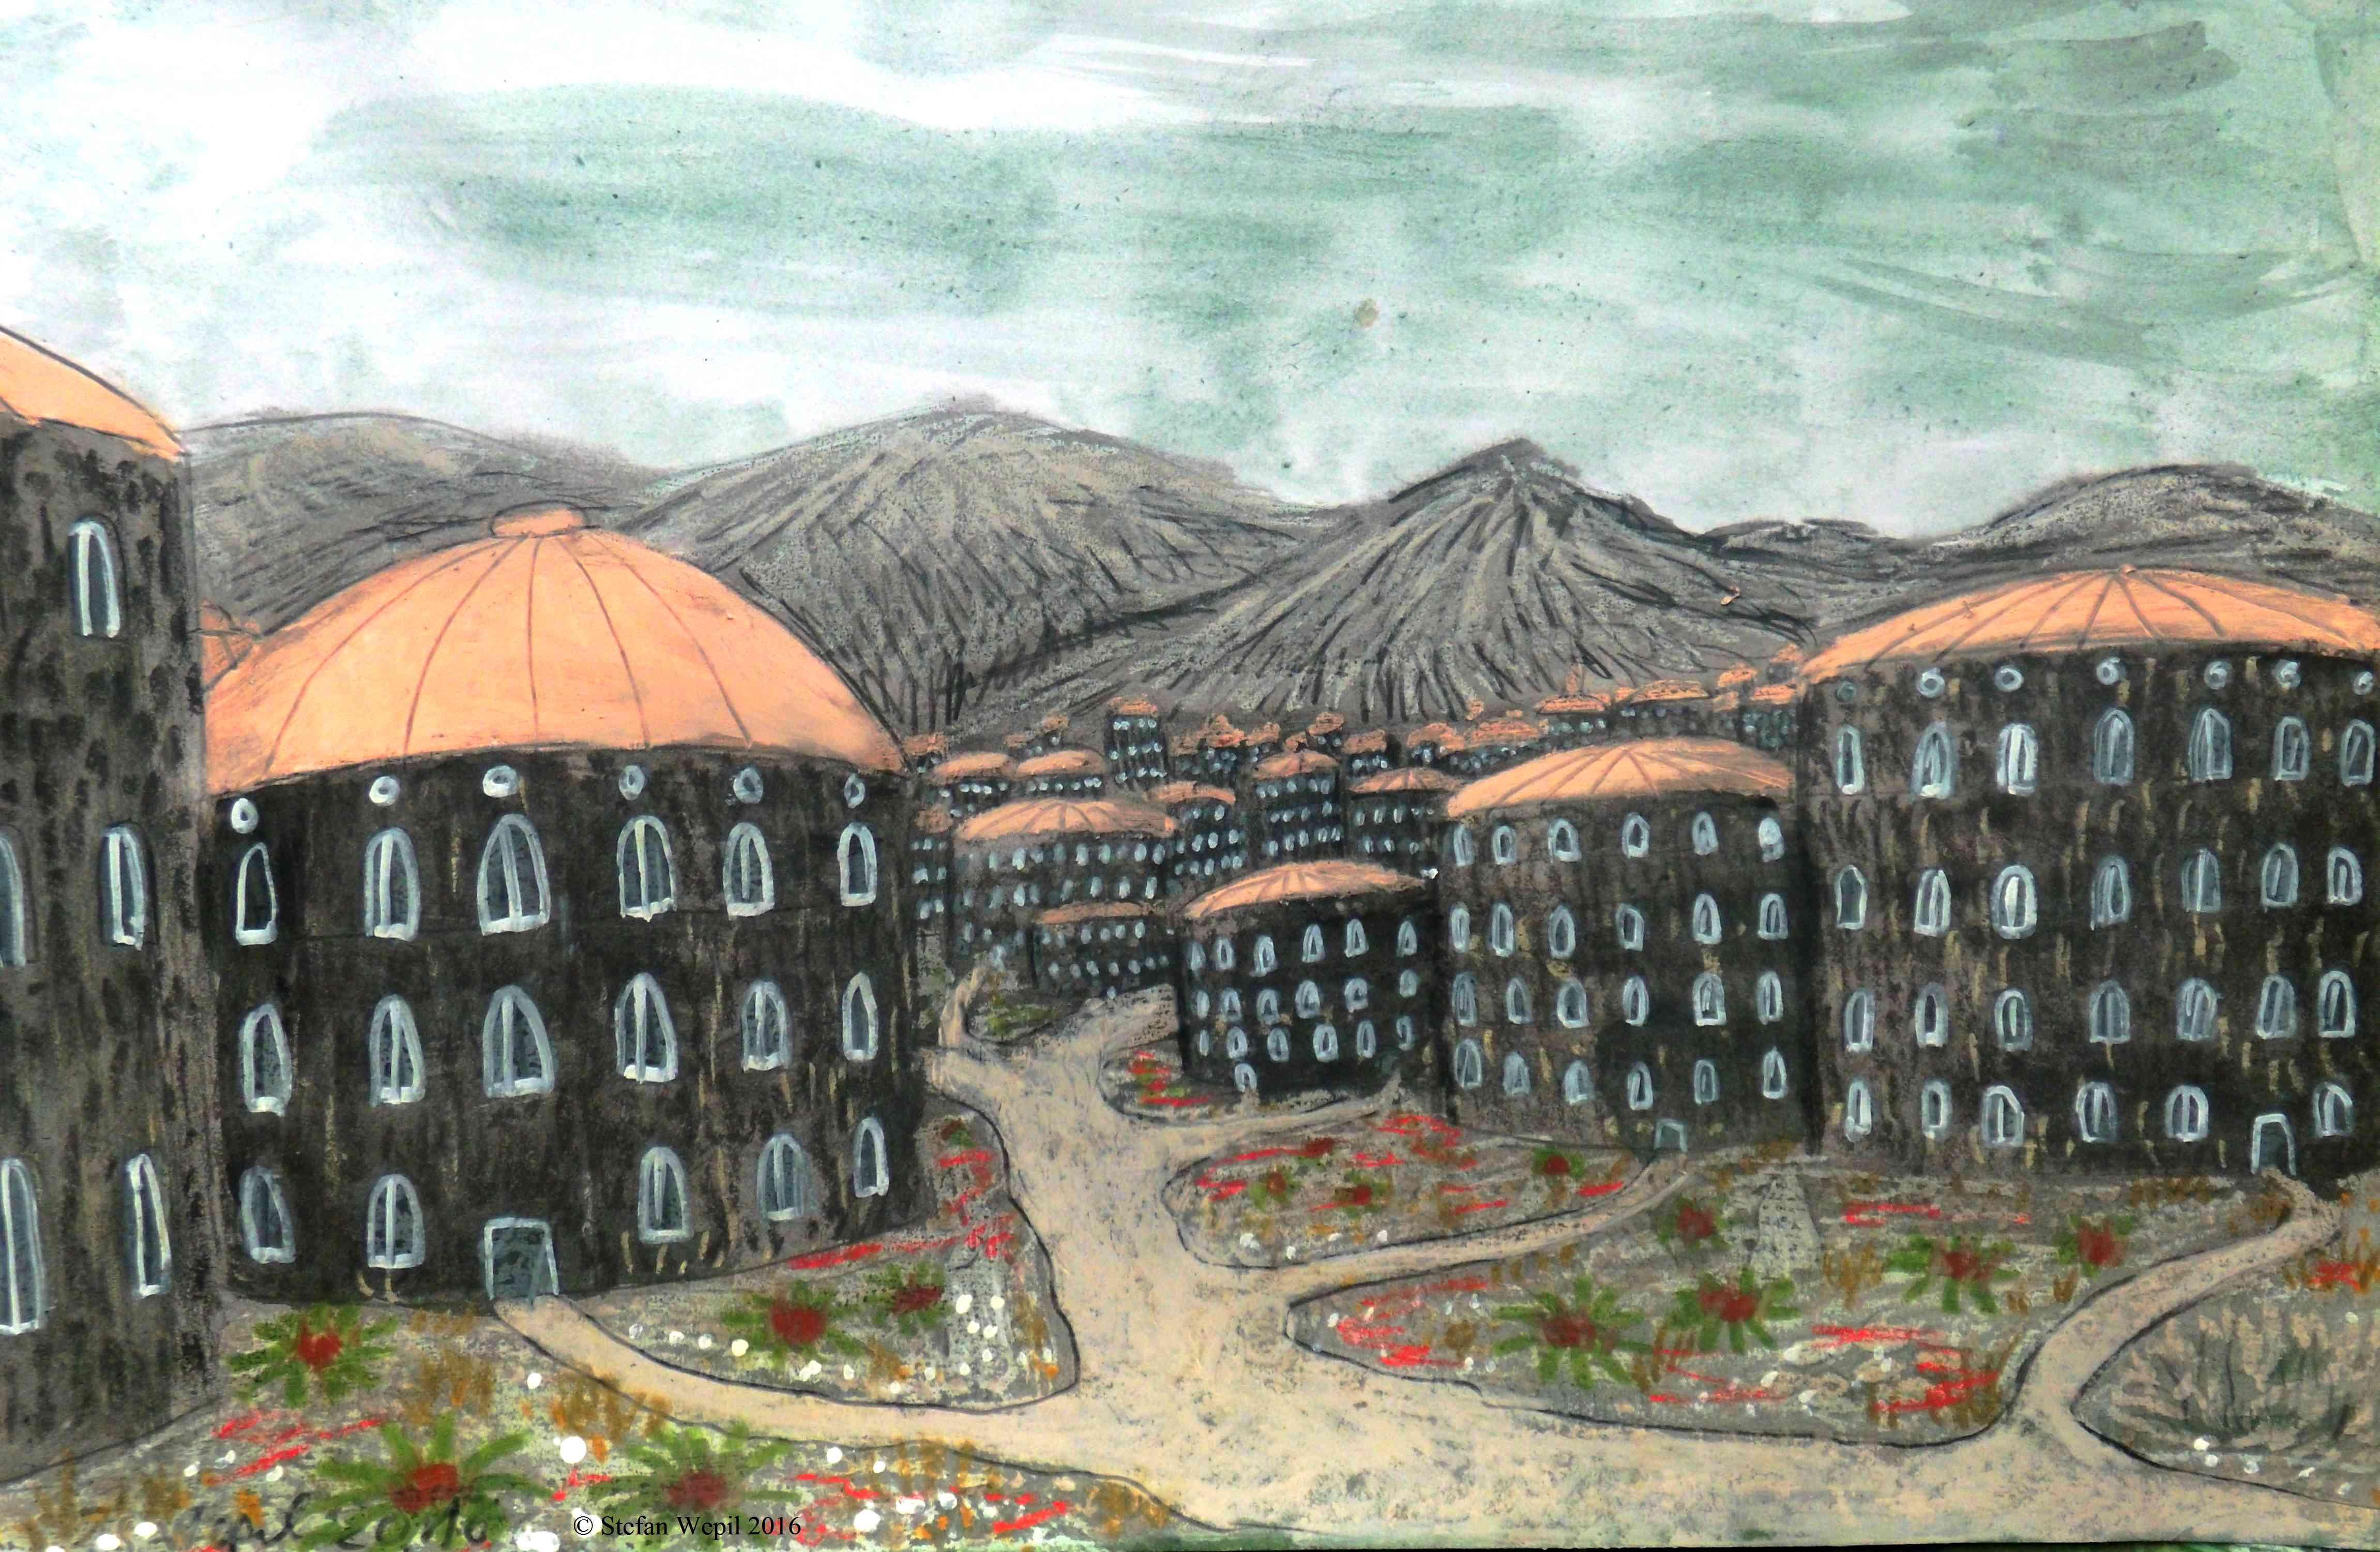 Die Stadt Geodos auf dem Kontinenten Ragon auf dem Planeten Dorgon. (C) Stefan Wepil